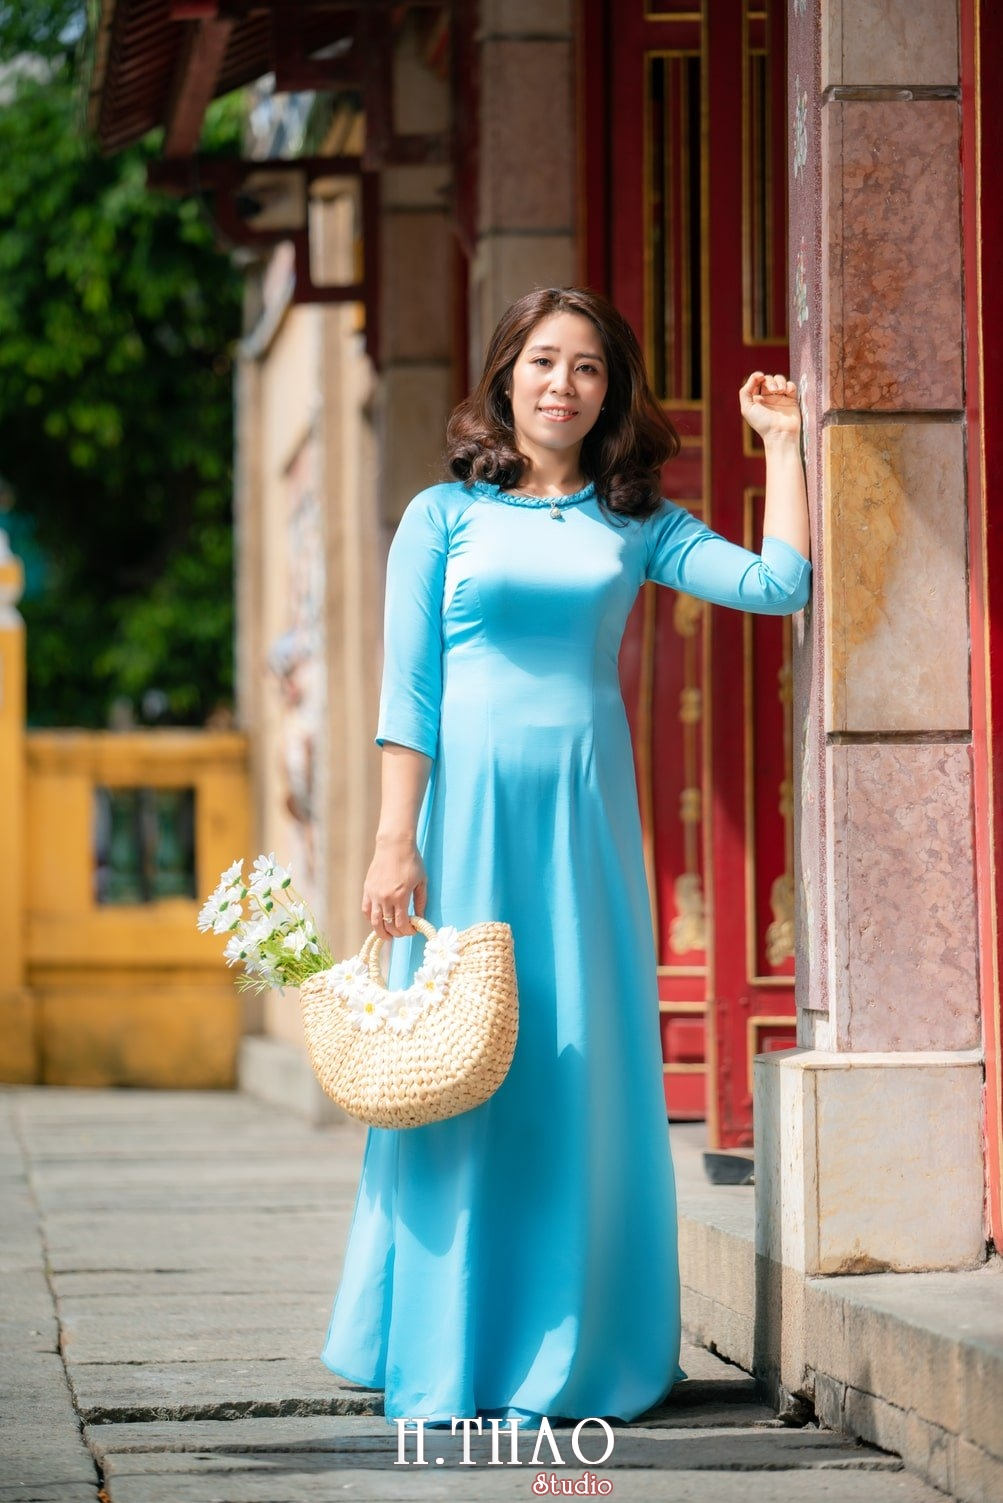 Ao dai lang ong ba chieu 19 - Album áo dài lăng ông bà chiểu chị Oanh - HThao Studio